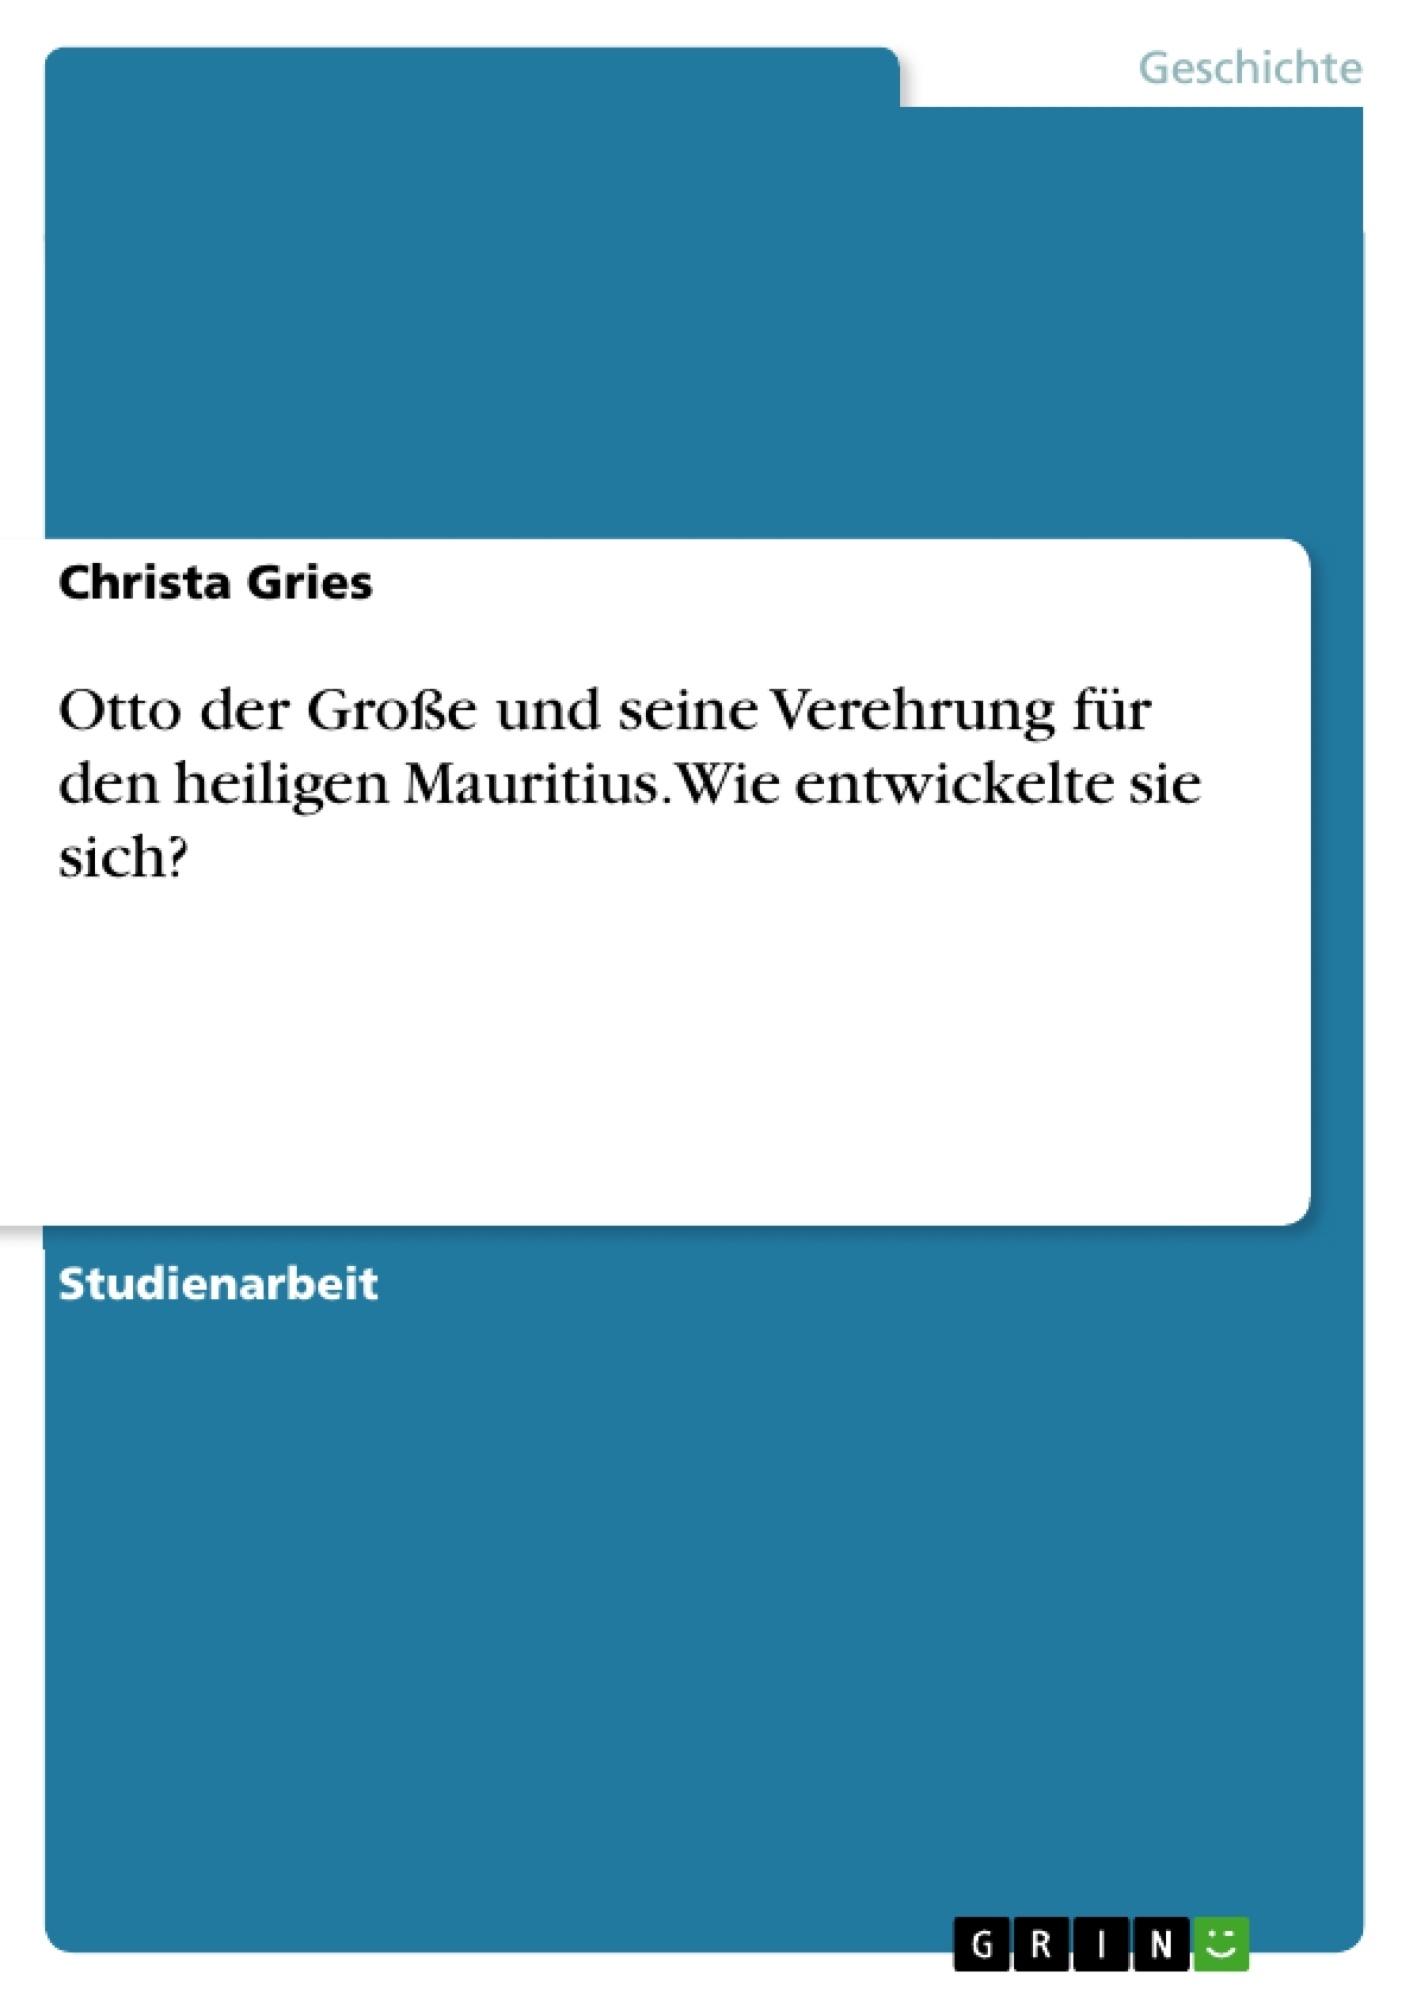 Titel: Otto der Große und seine Verehrung für den heiligen Mauritius. Wie entwickelte sie sich?